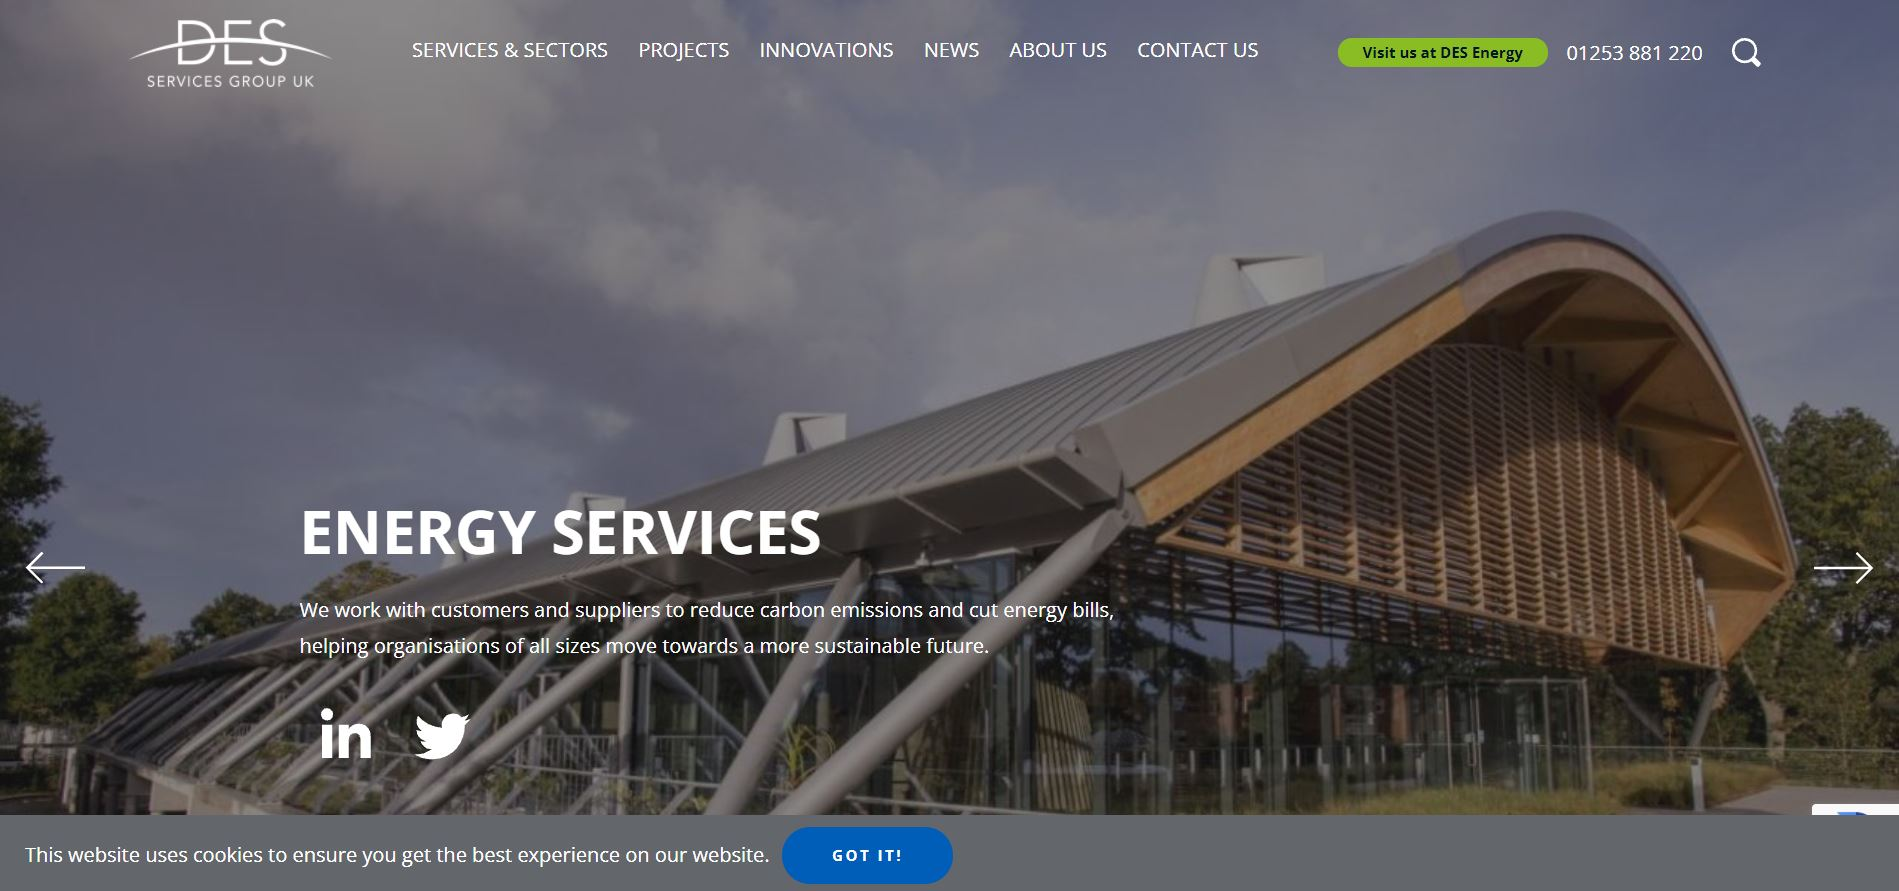 Des Services Group